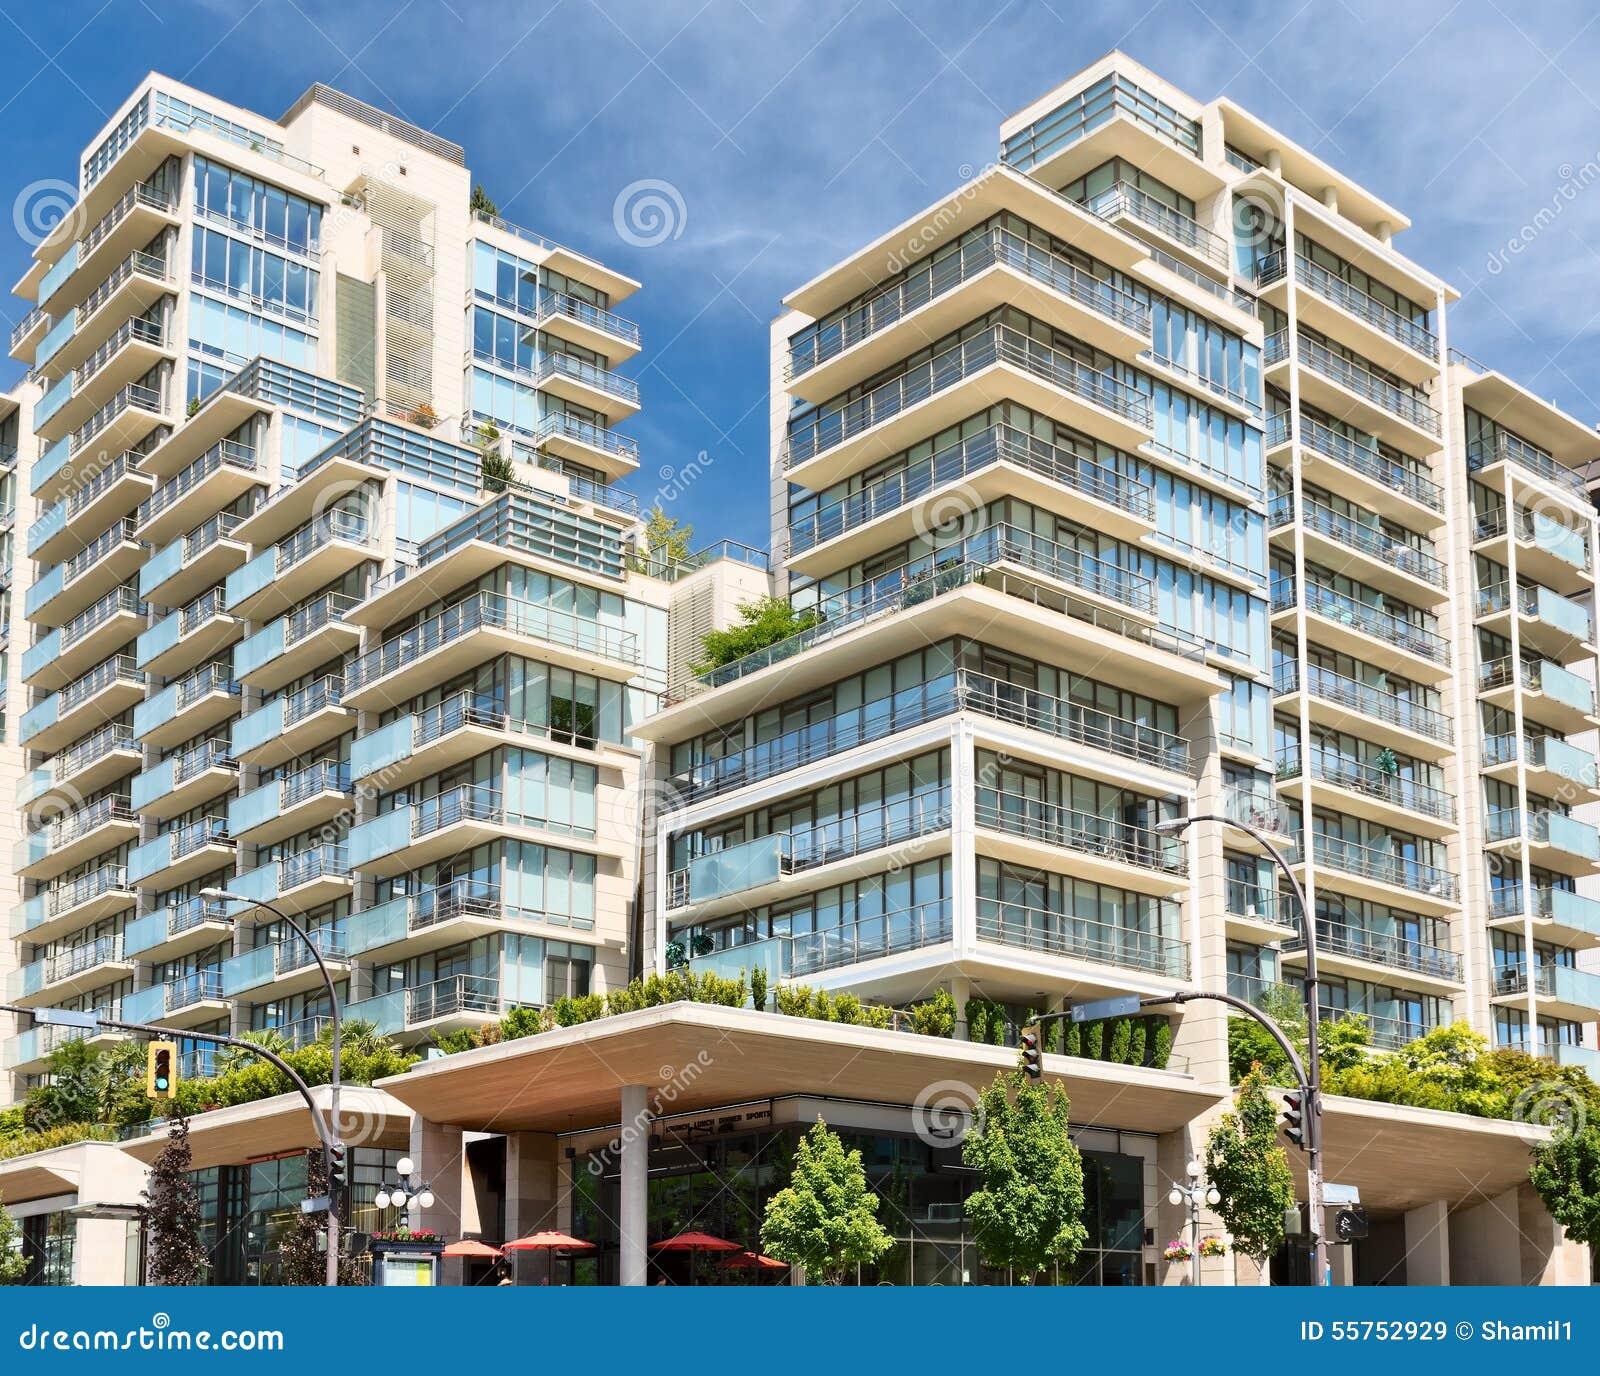 Condo Apartment: Condominium Or Apartment Building Stock Image